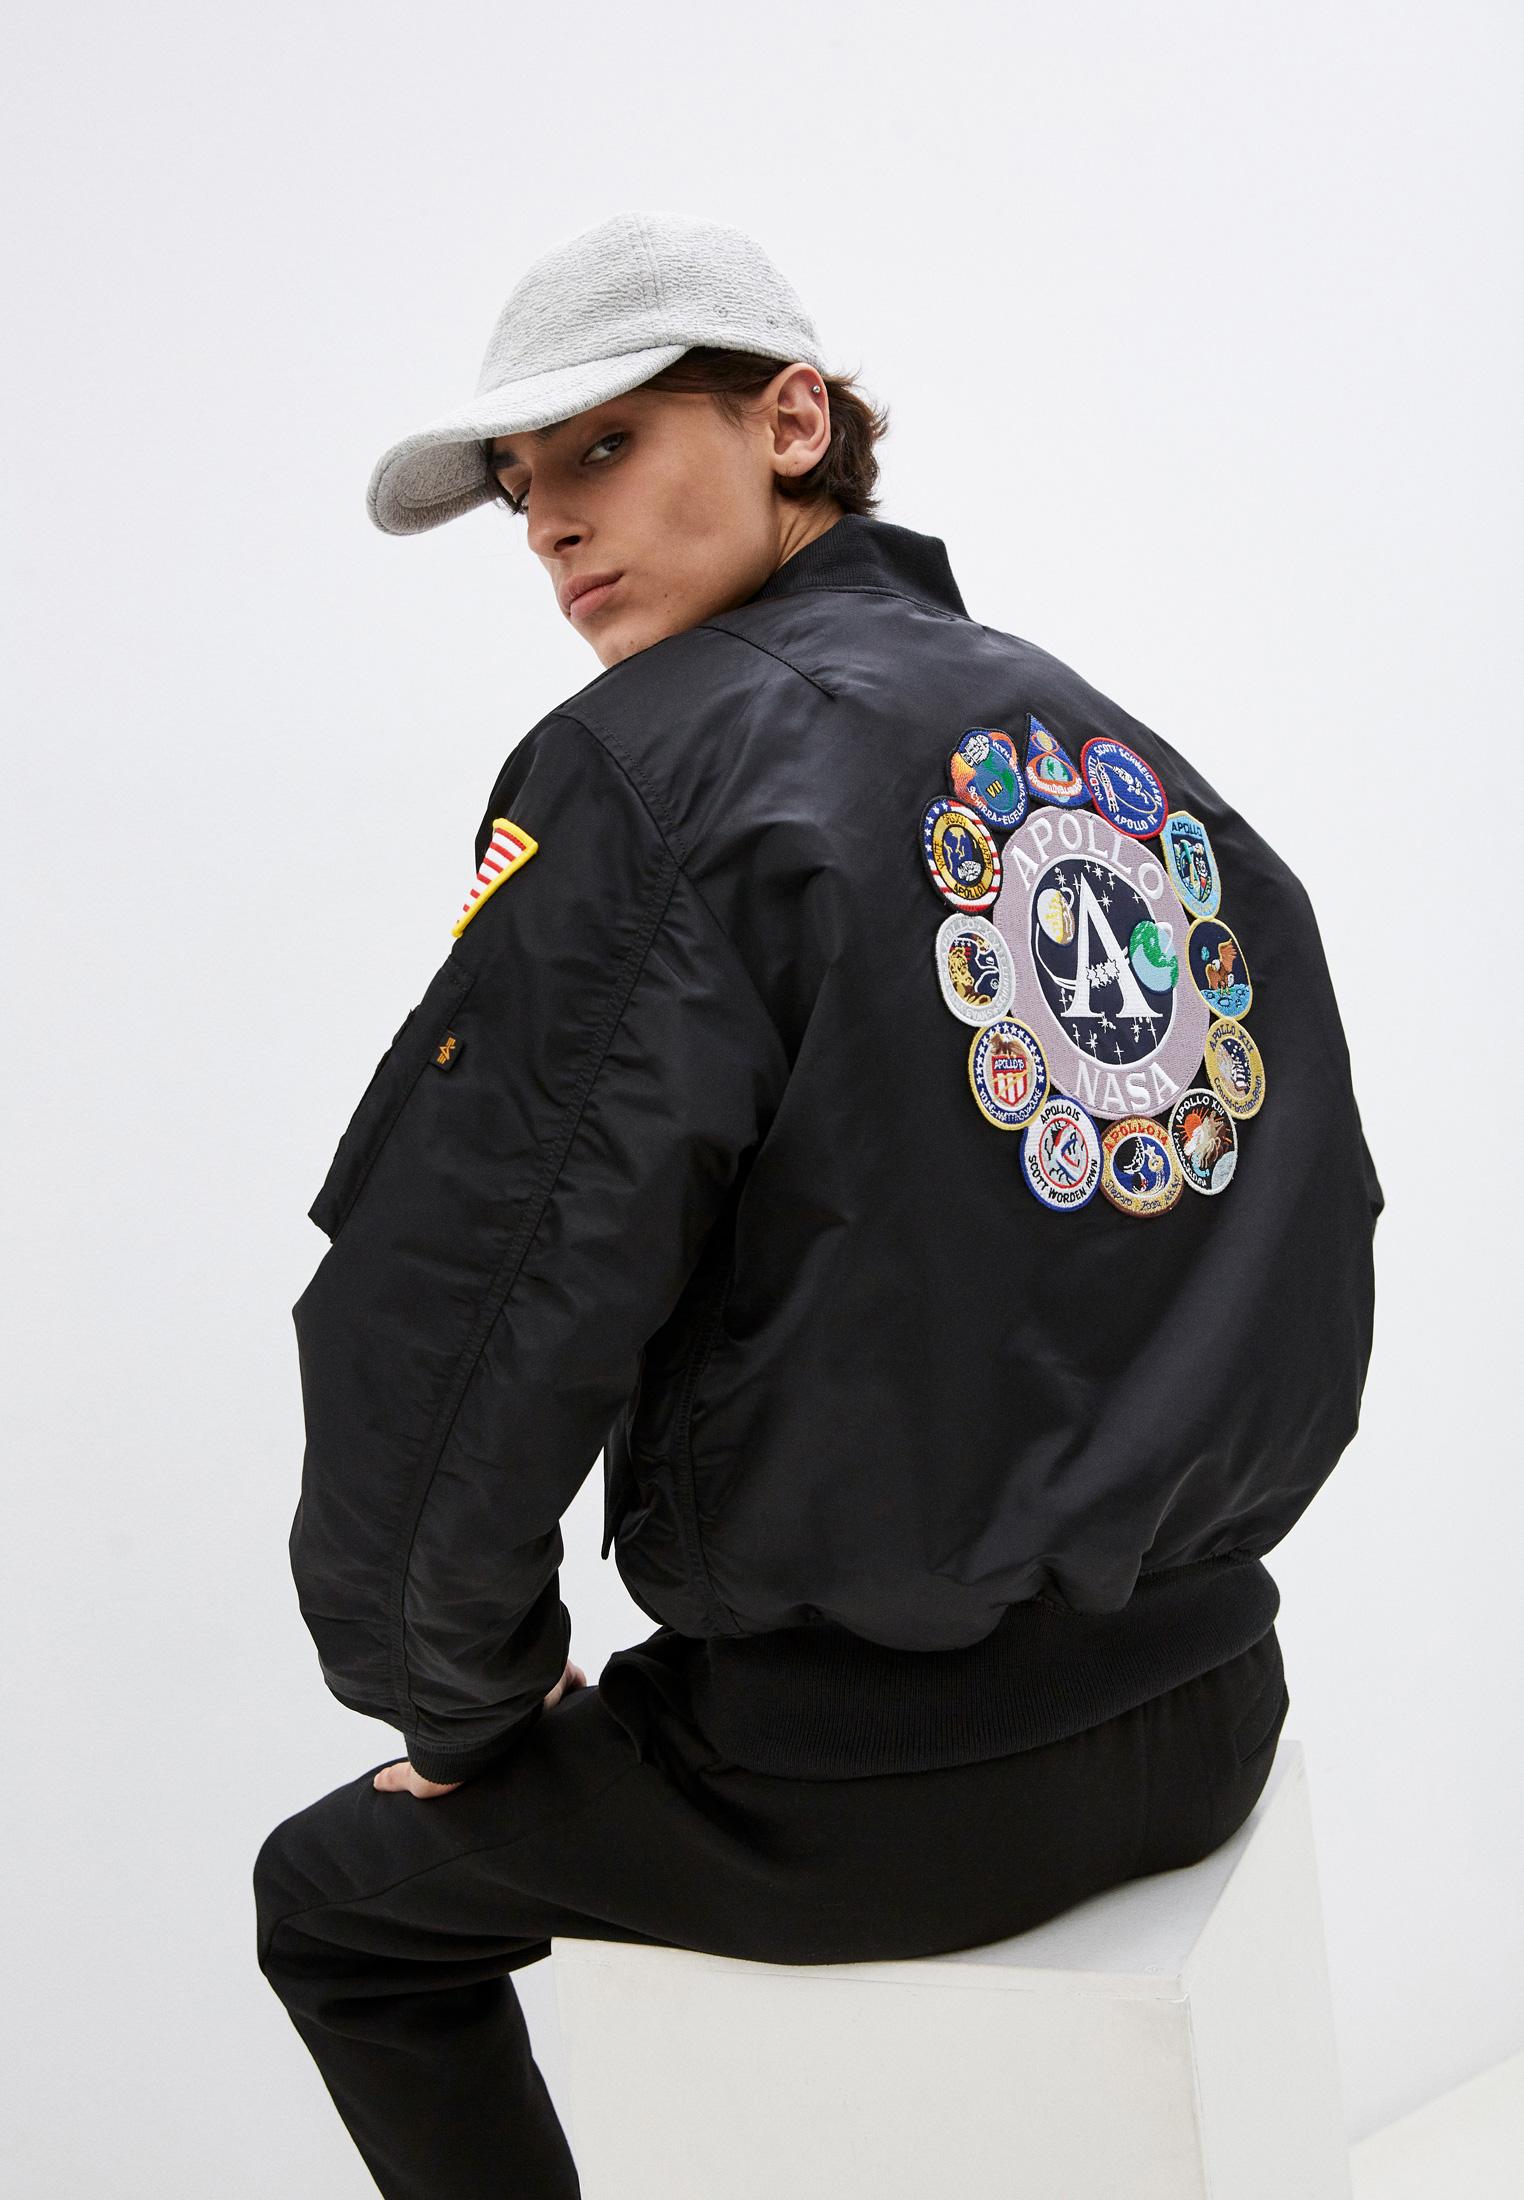 Утепленная куртка Alpha Industries (Альфа Индастриз) Куртка утепленная Alpha Industries